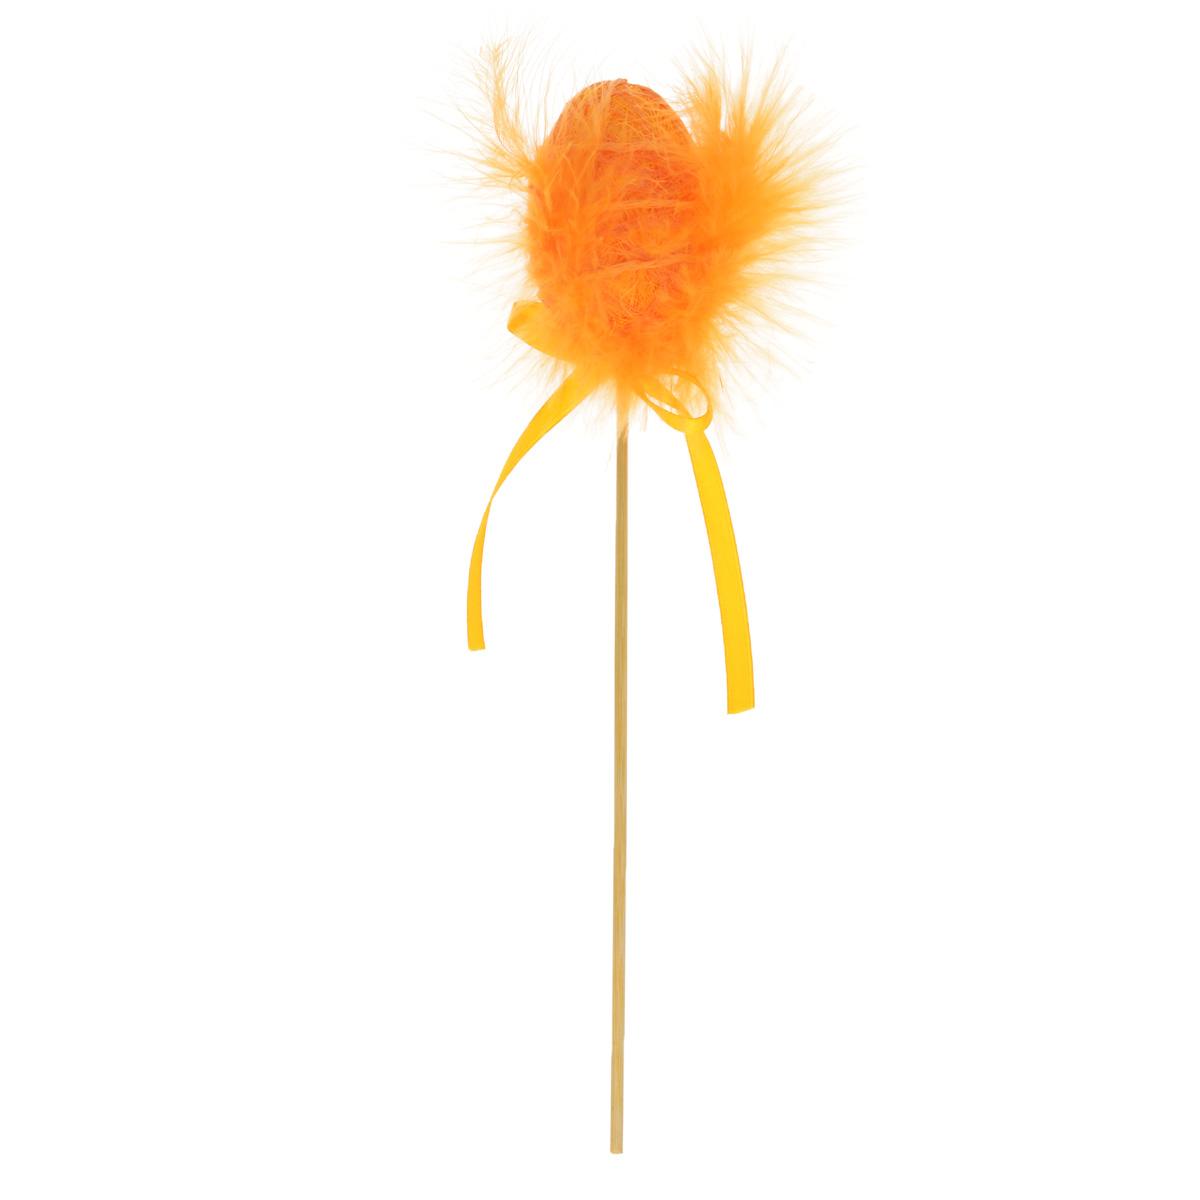 Декоративное пасхальное украшение на ножке Home Queen Яйцо с пухом. Разноцвет, цвет: оранжевый, высота 25 см декоративное пасхальное украшение на ножке home queen яйцо с лентой цвет голубой белый высота 26 см